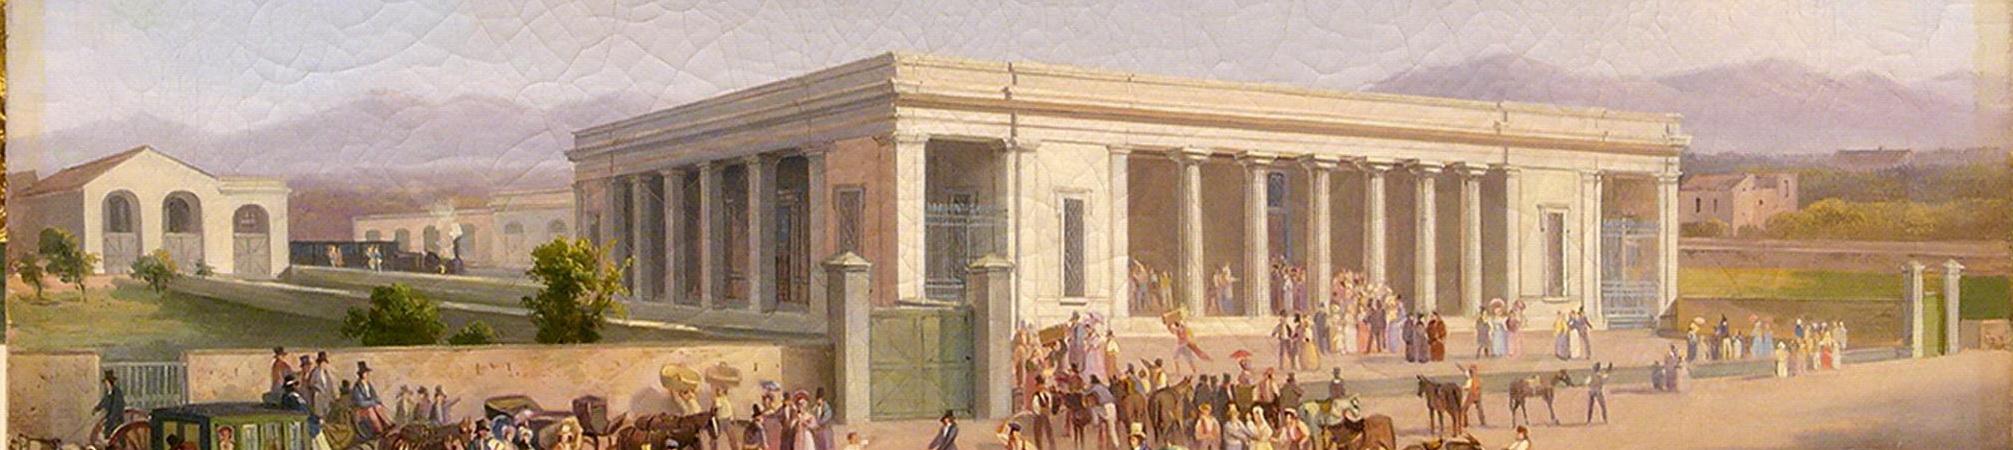 Stazione di Castellammare, Salvatore Fergola, particolare